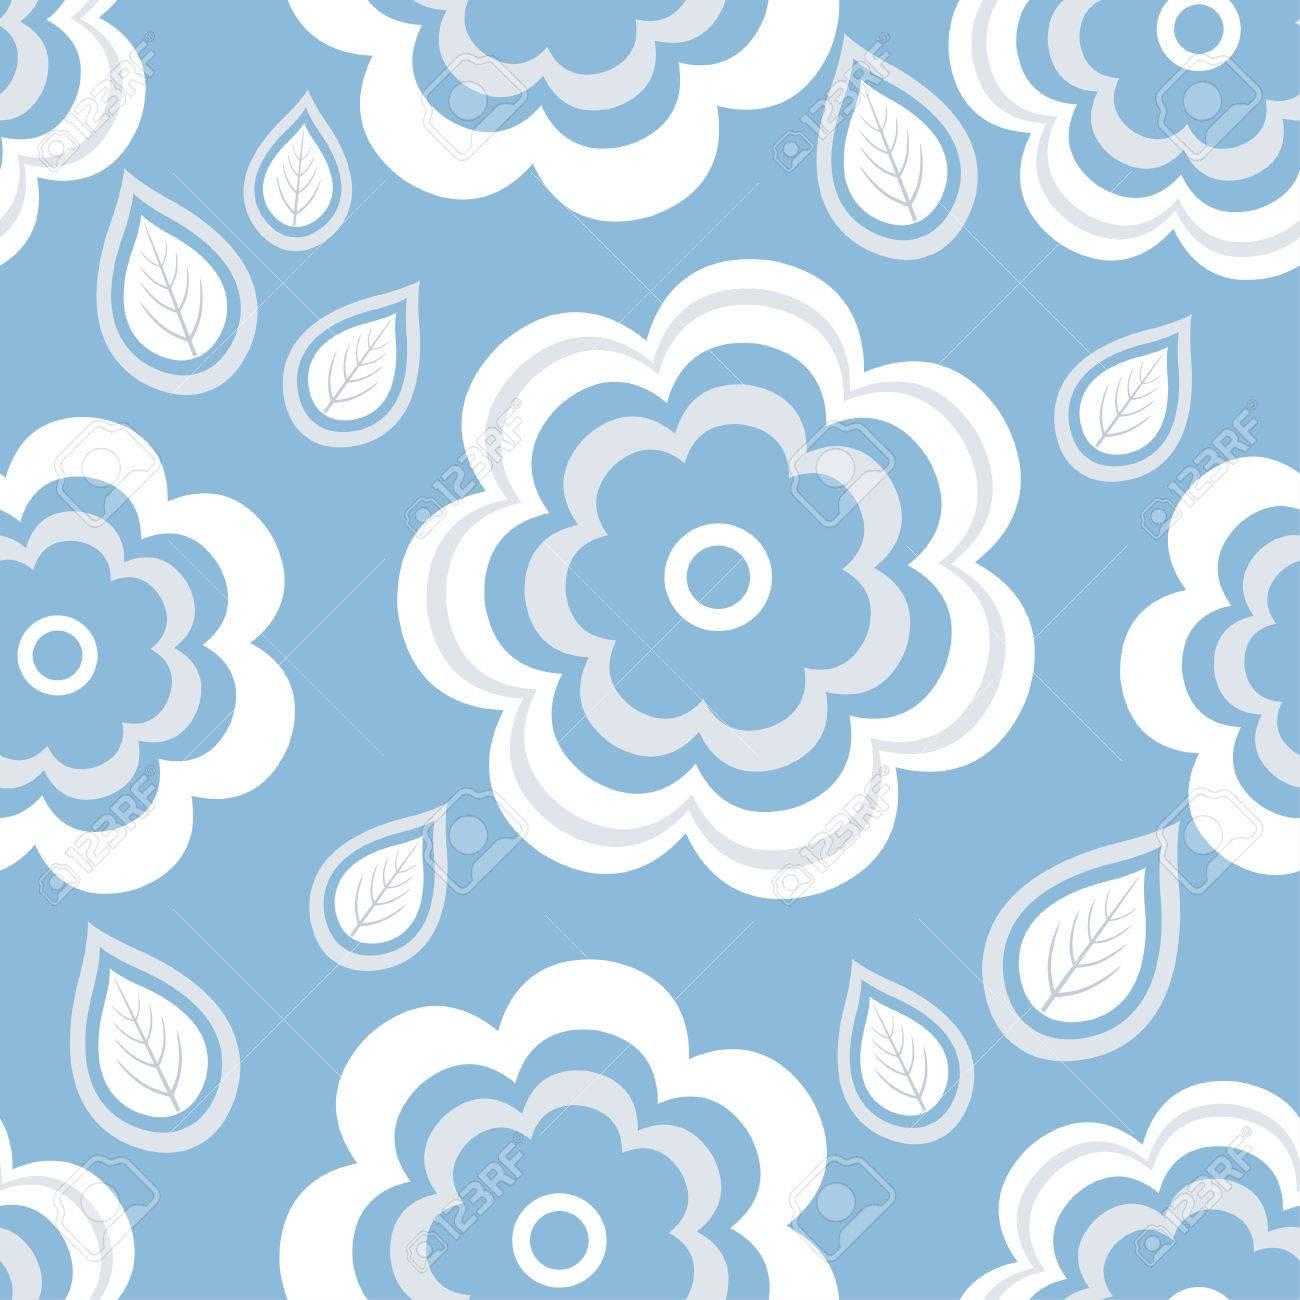 様式化された青の白い夏の花と葉で美しいおしゃれな自然背景シームレス パターン ヴィンテージやレトロなスタイルの花の壁紙 挨拶や招待カード ない透明度とグラデーション ベクトル図のイラスト素材 ベクタ Image